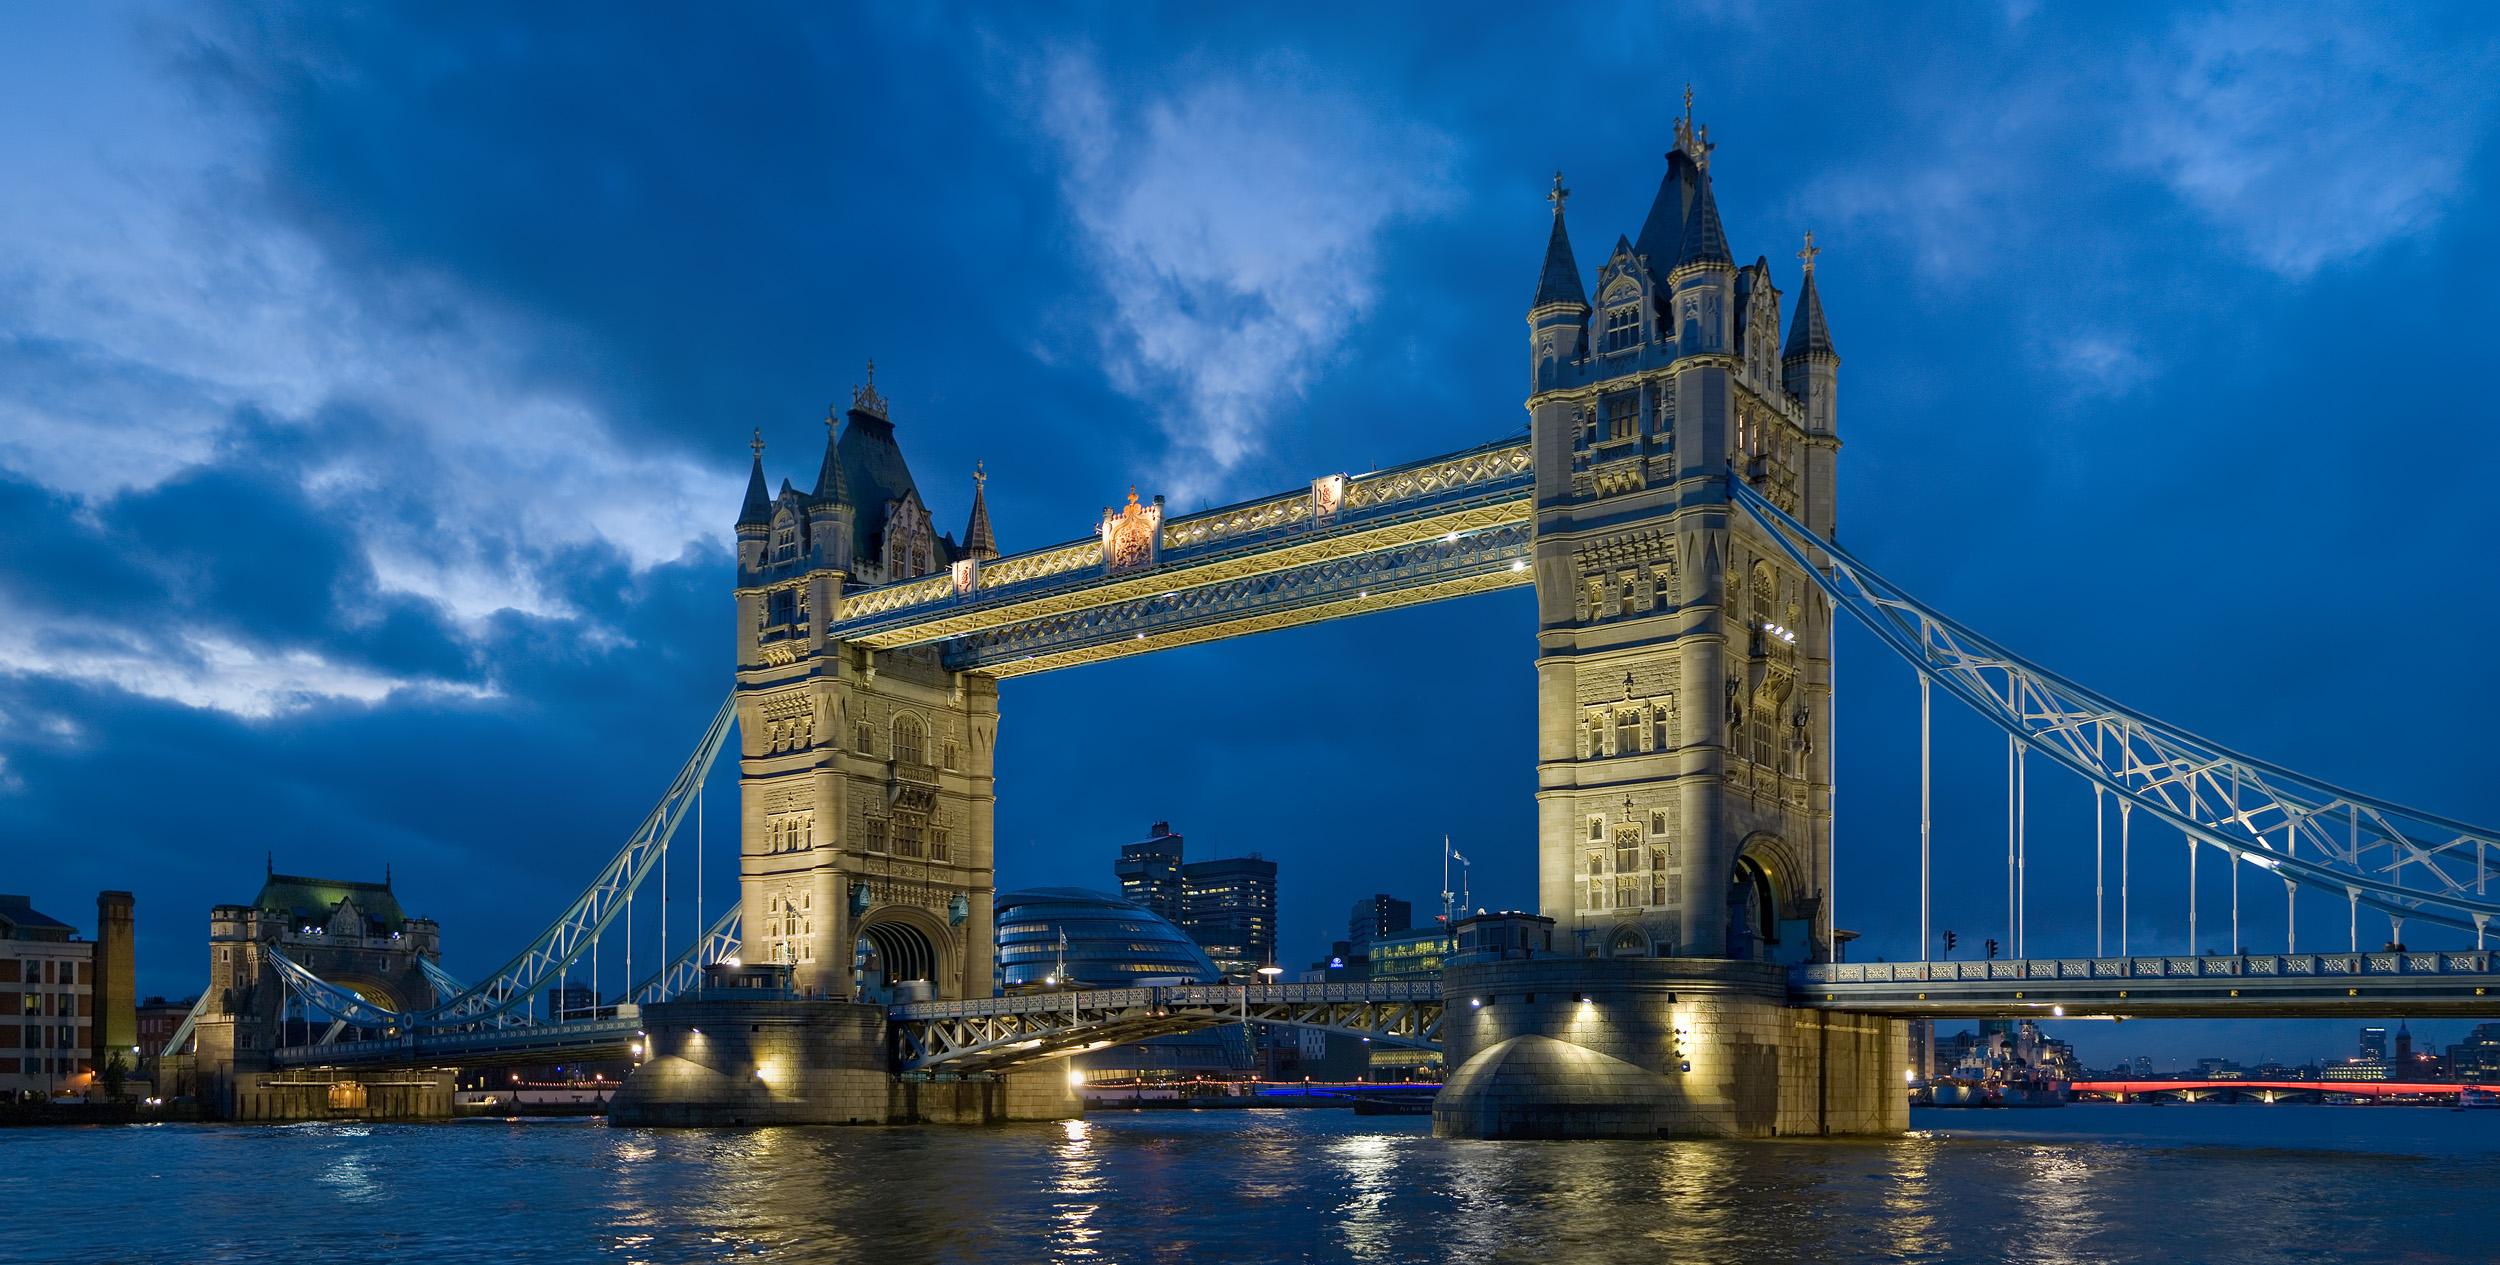 Le Top 5 Des Ponts Londoniens Les Plus Celebres